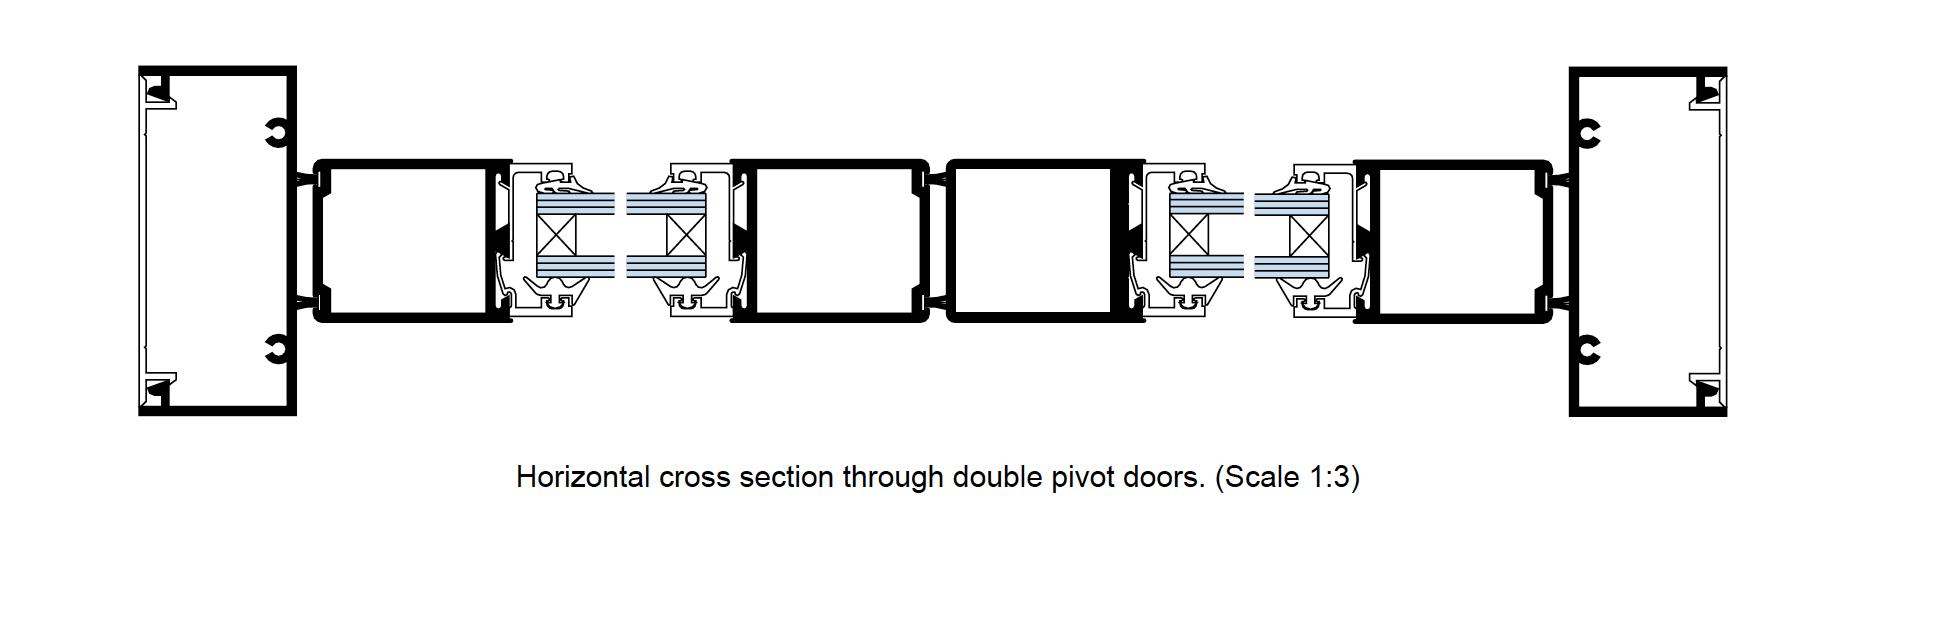 commercial_pivot_door